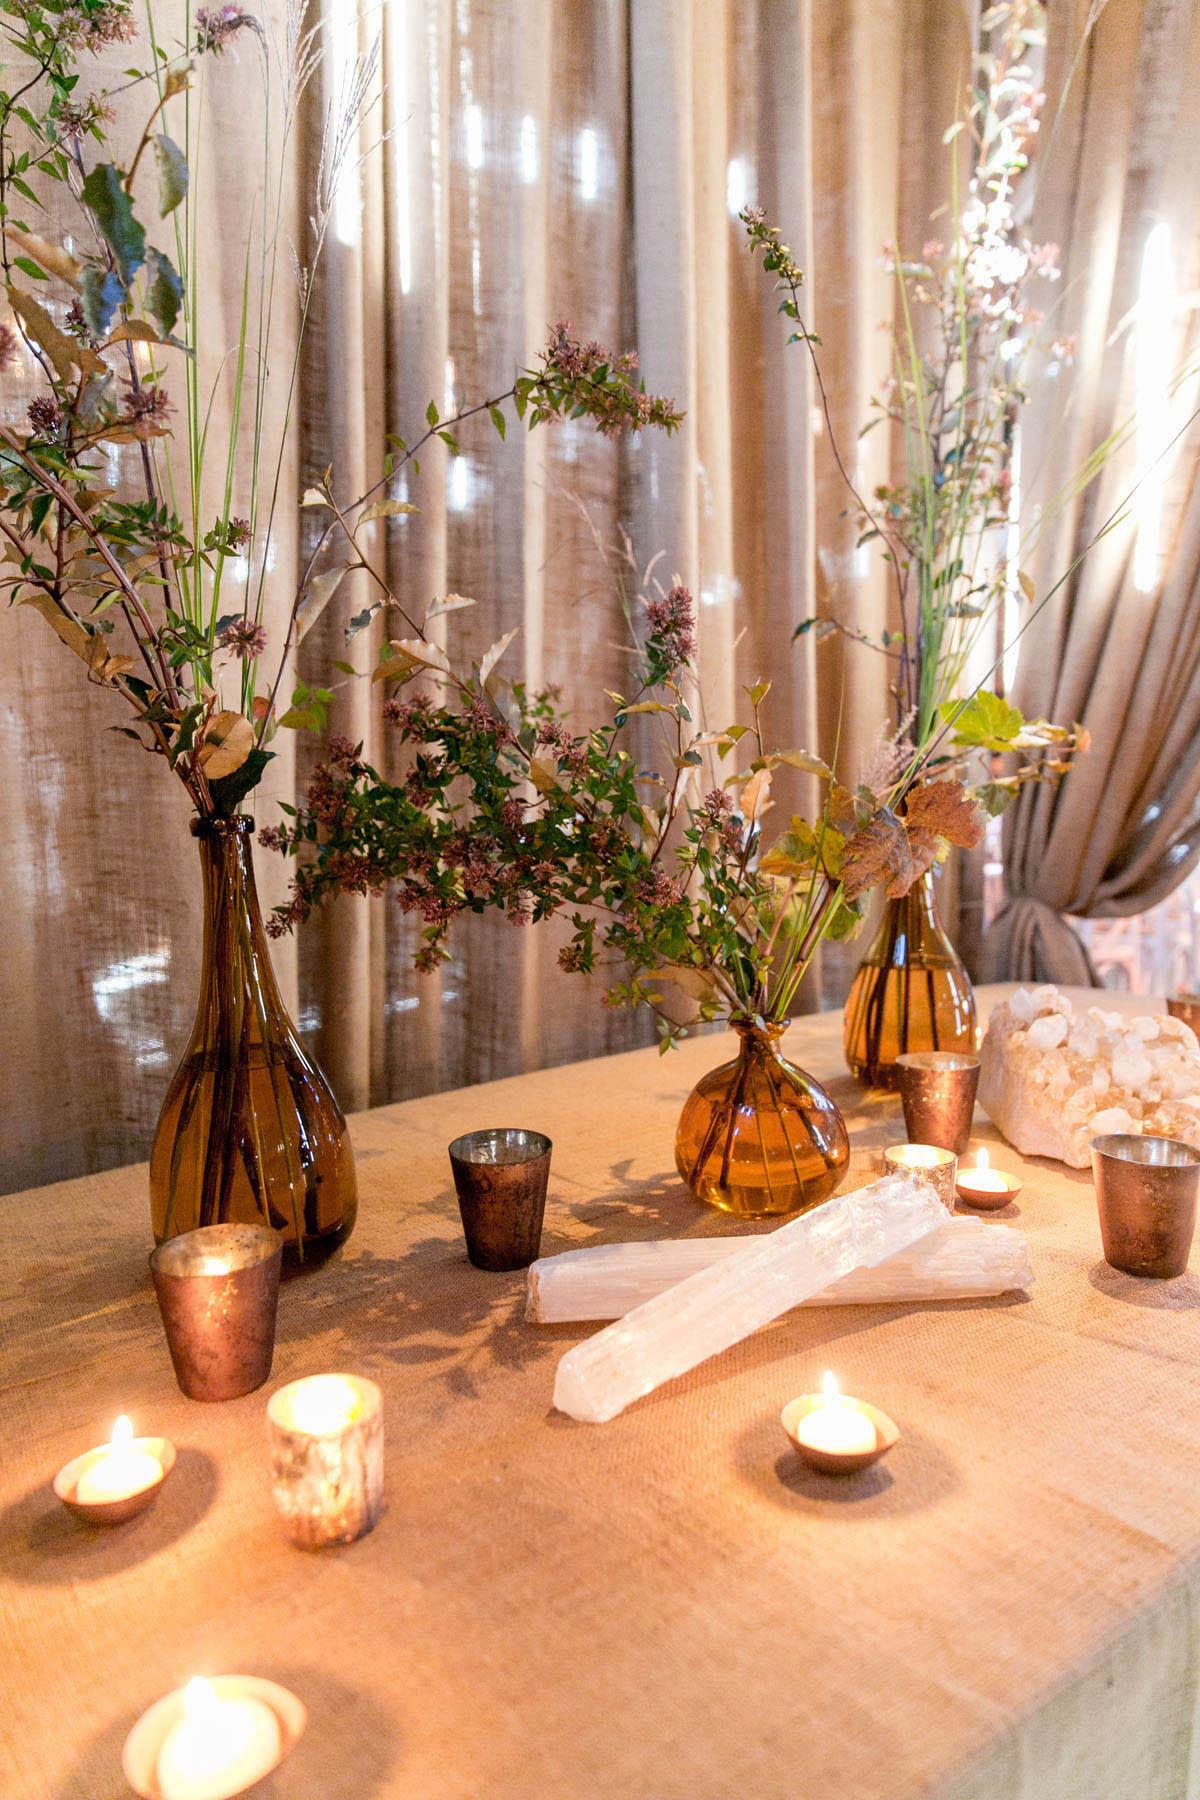 41-brown-demijohn-vases.jpg